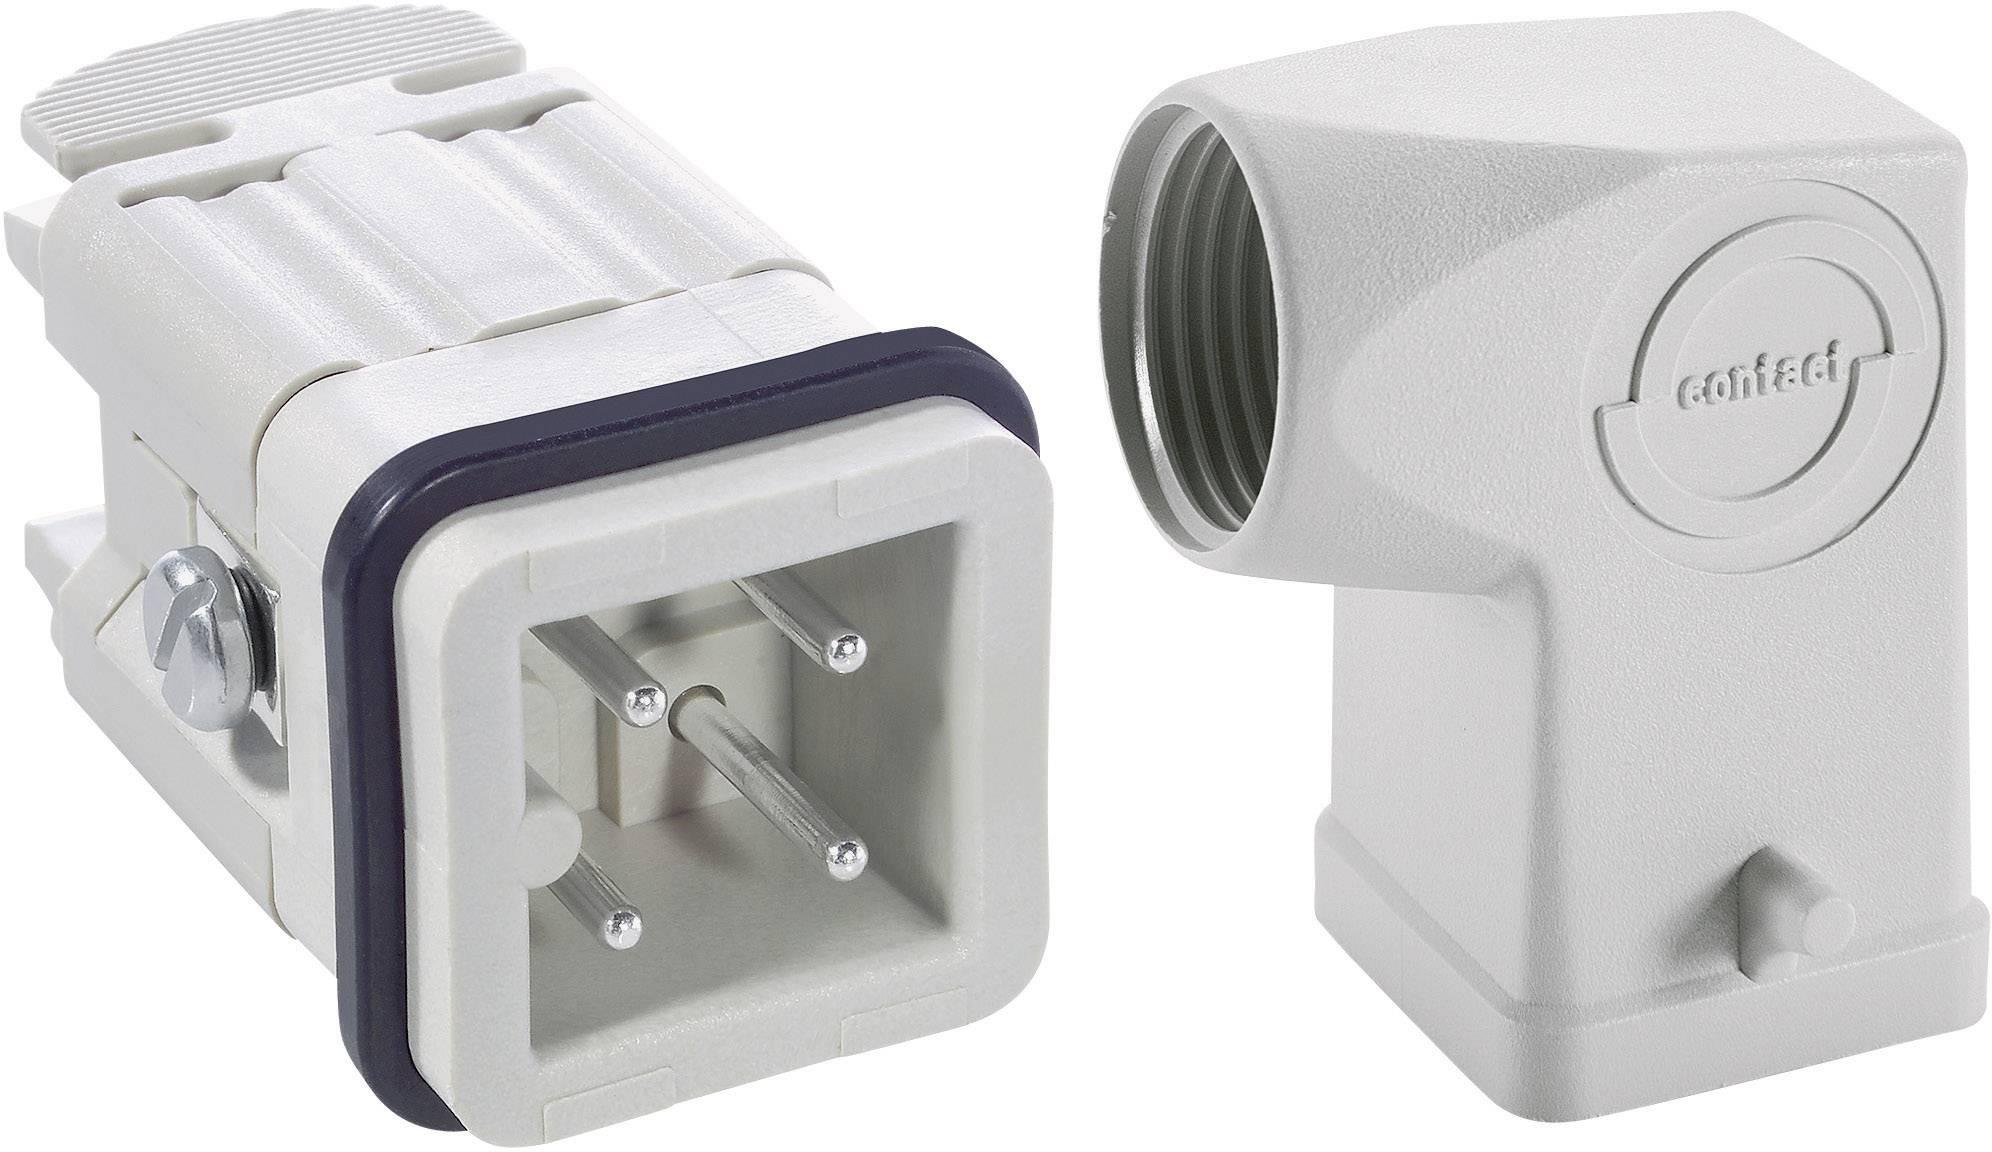 Sada konektorů EPIC®KIT H-A 3 75009603 LappKabel 3 + PE šroubovací 1 sada